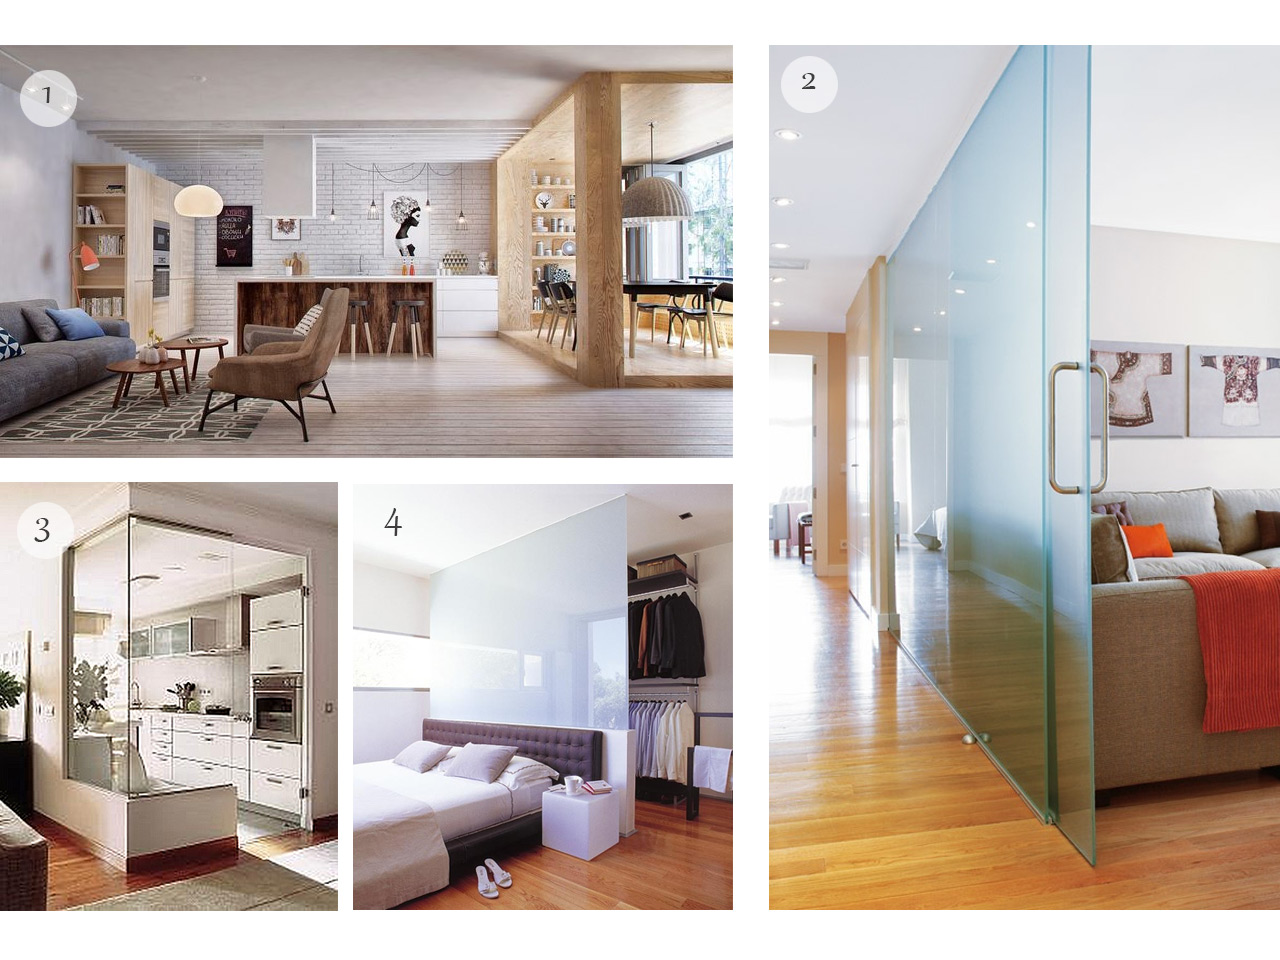 Dividir espacios abiertos con trucos decorativos for Banos divididos en tres